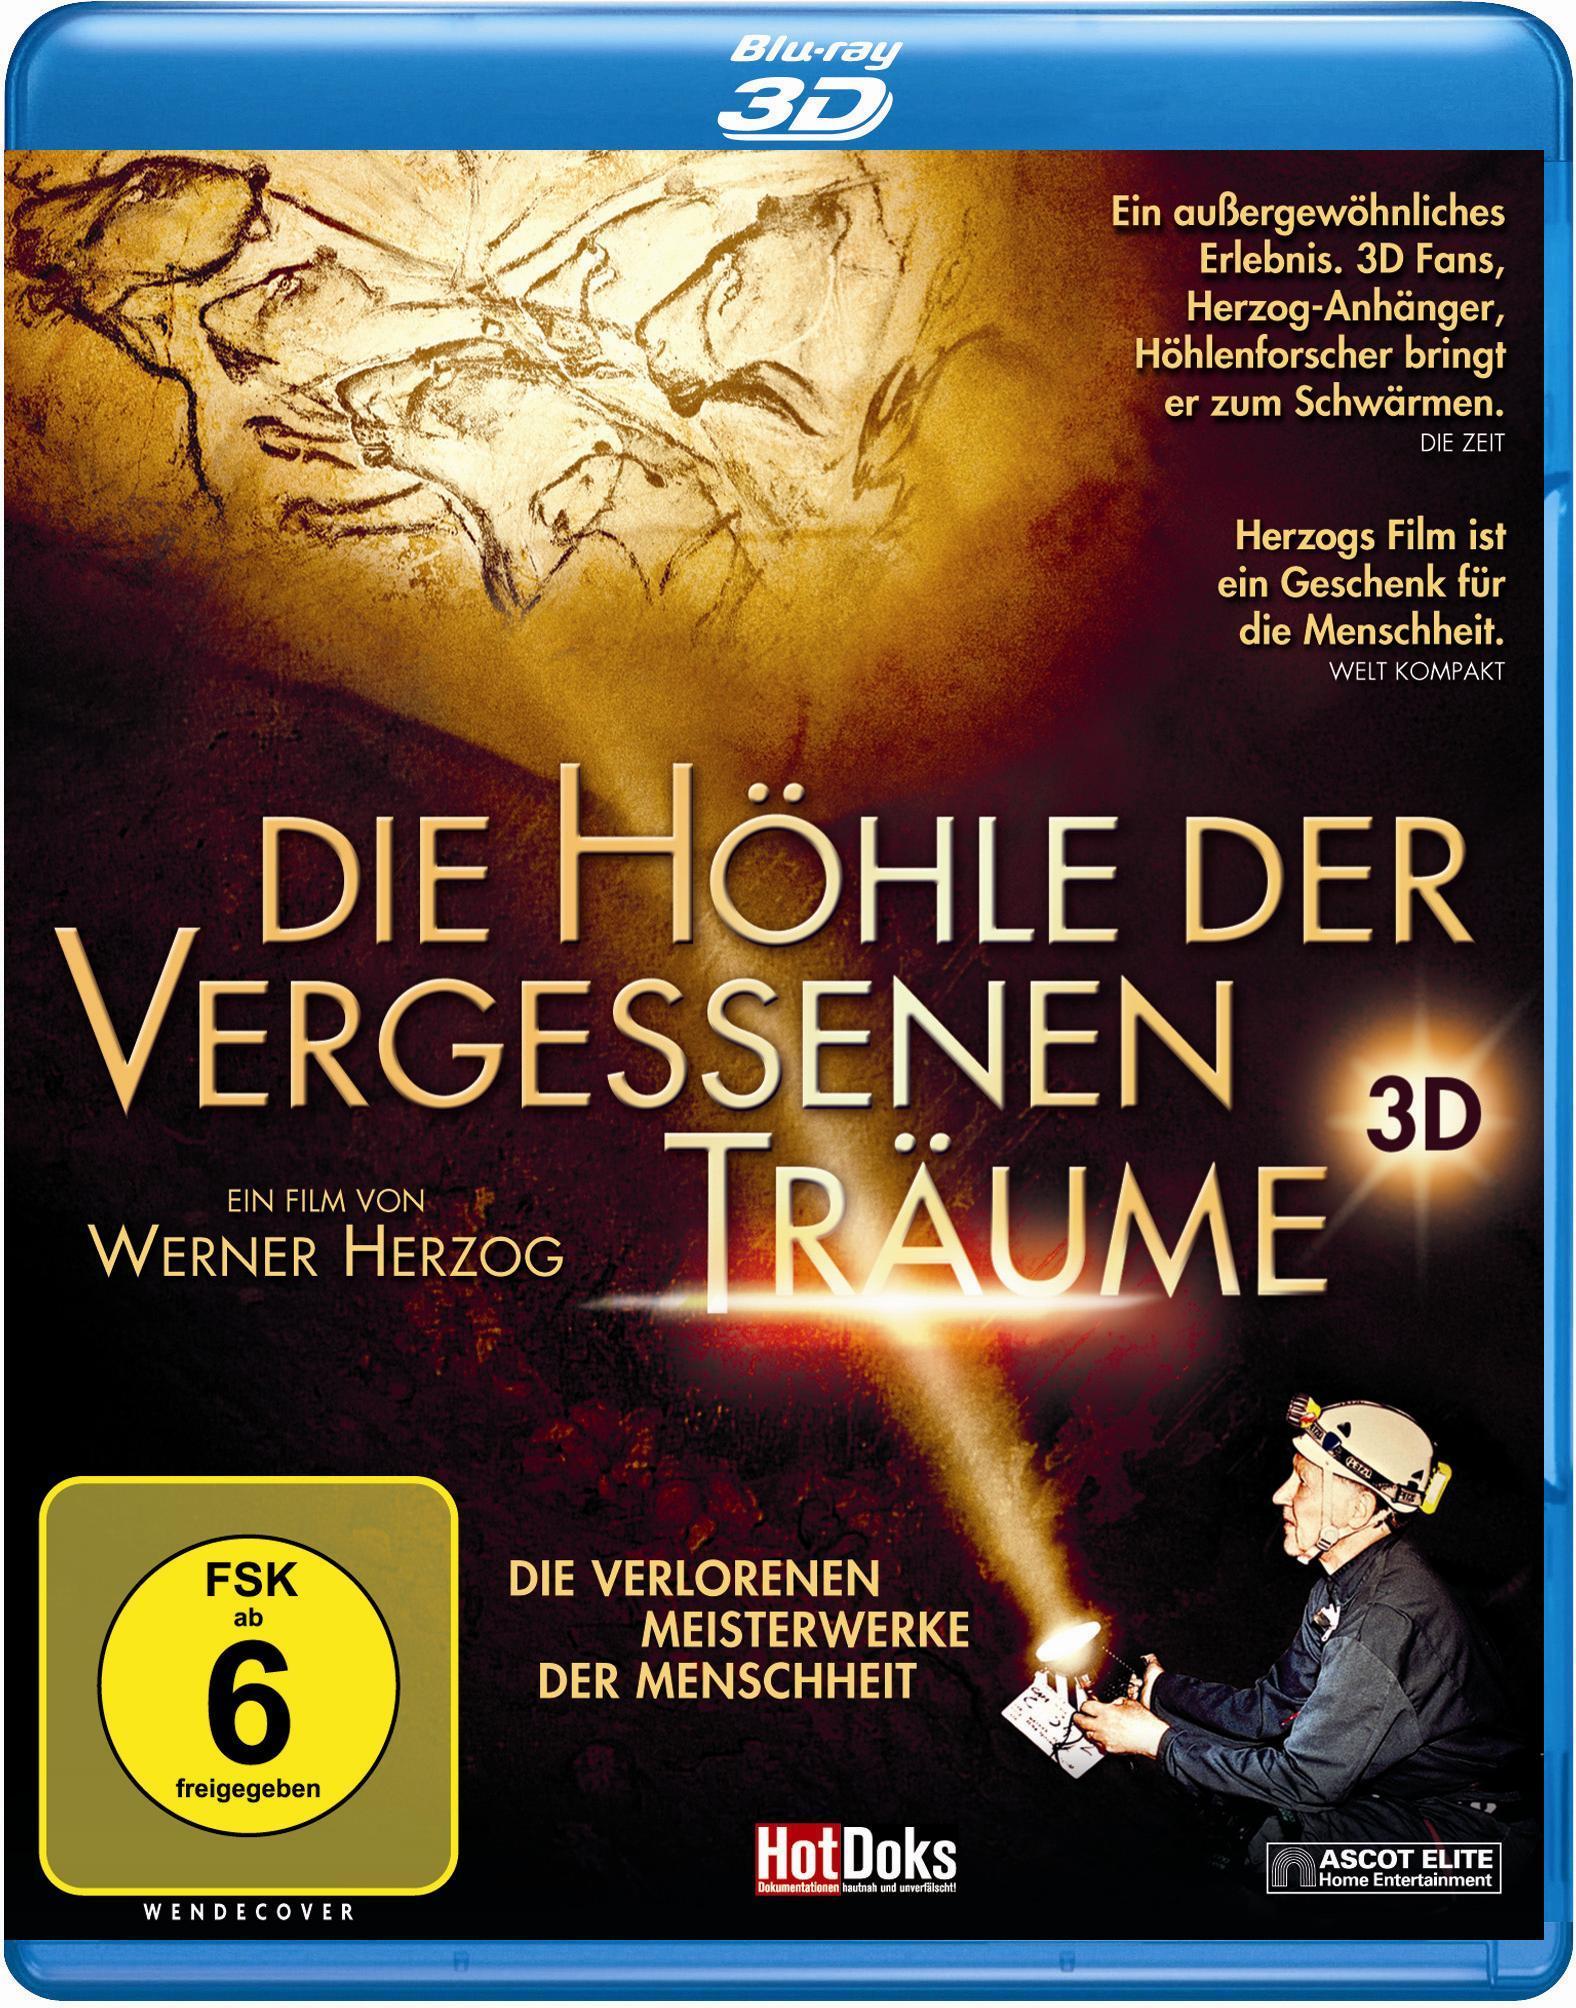 Image of Die Höhle der vergessenen Träume - 3D-Version